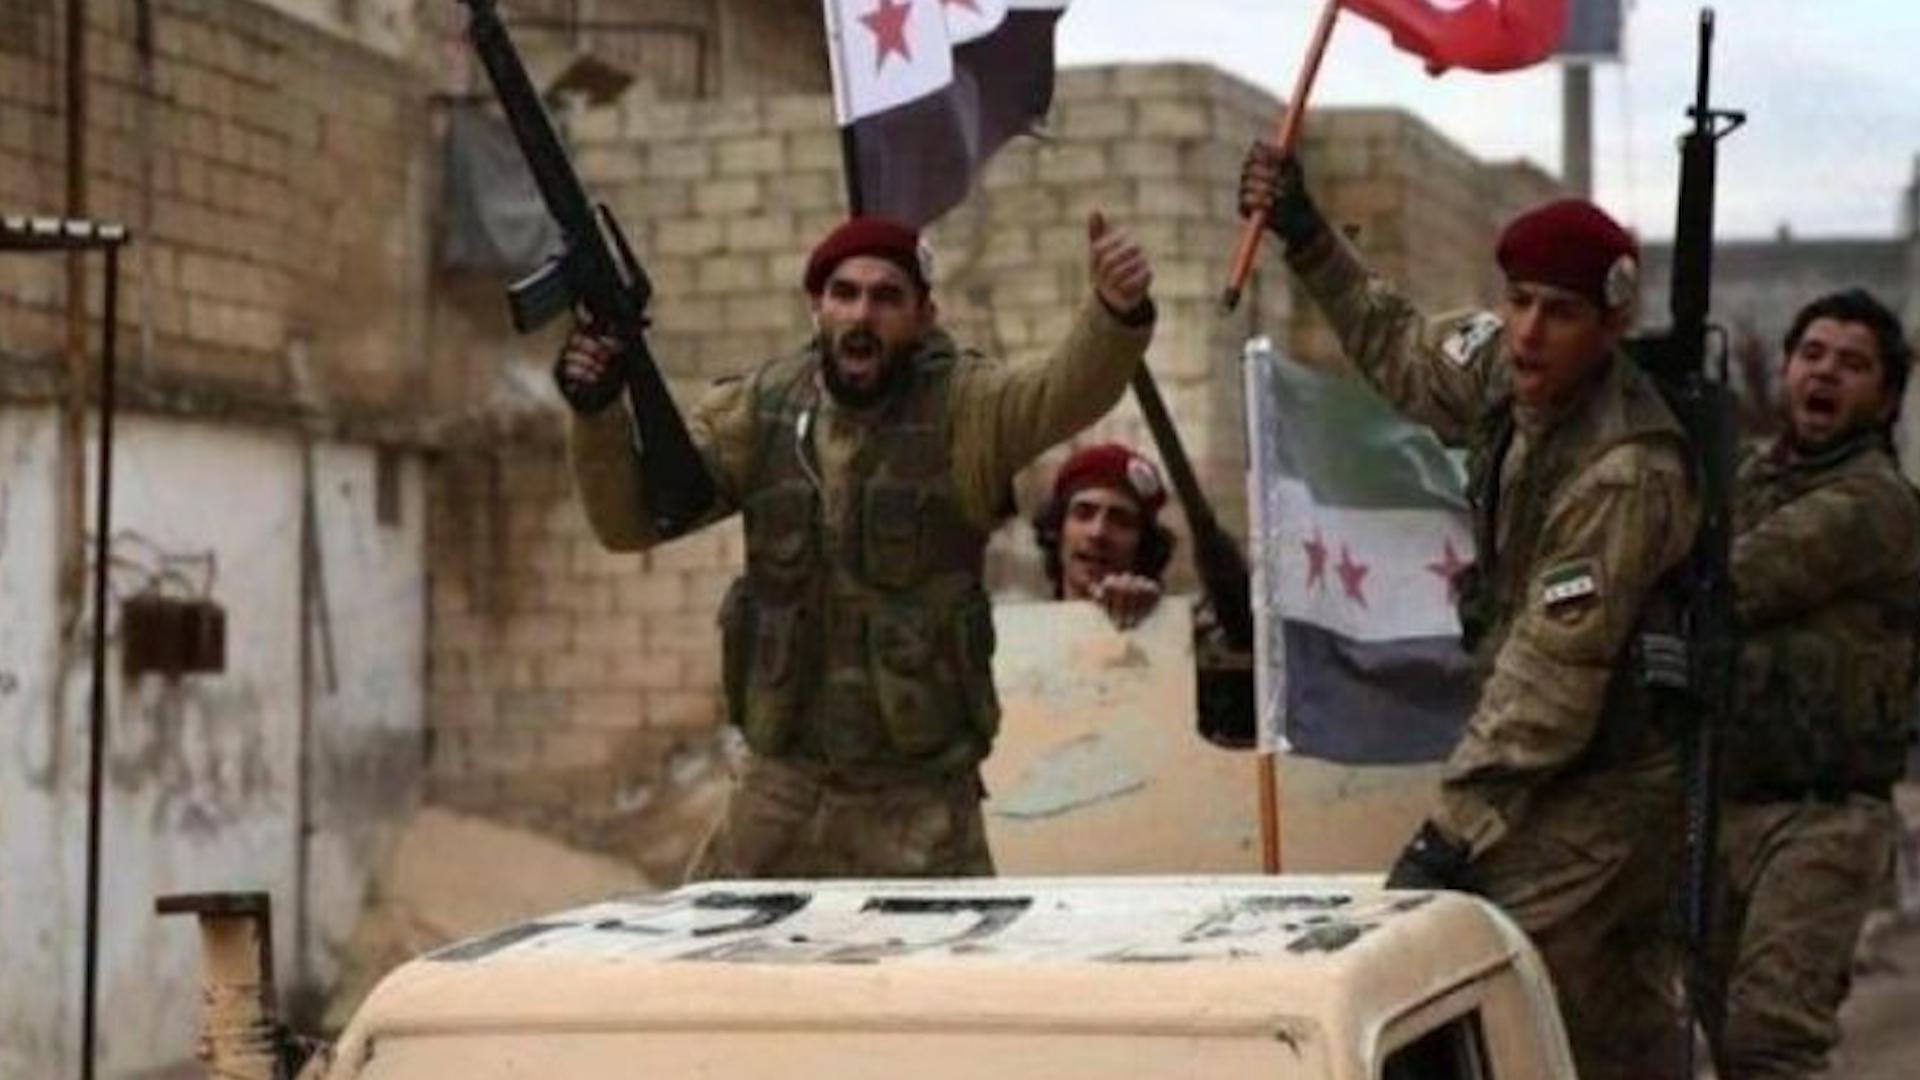 Photo of Çavdêriya Sûrî : hejmara çeteyên sûrî ku gihiştine Lîbyayê, gihaye 2 hezar û 600 çete yî